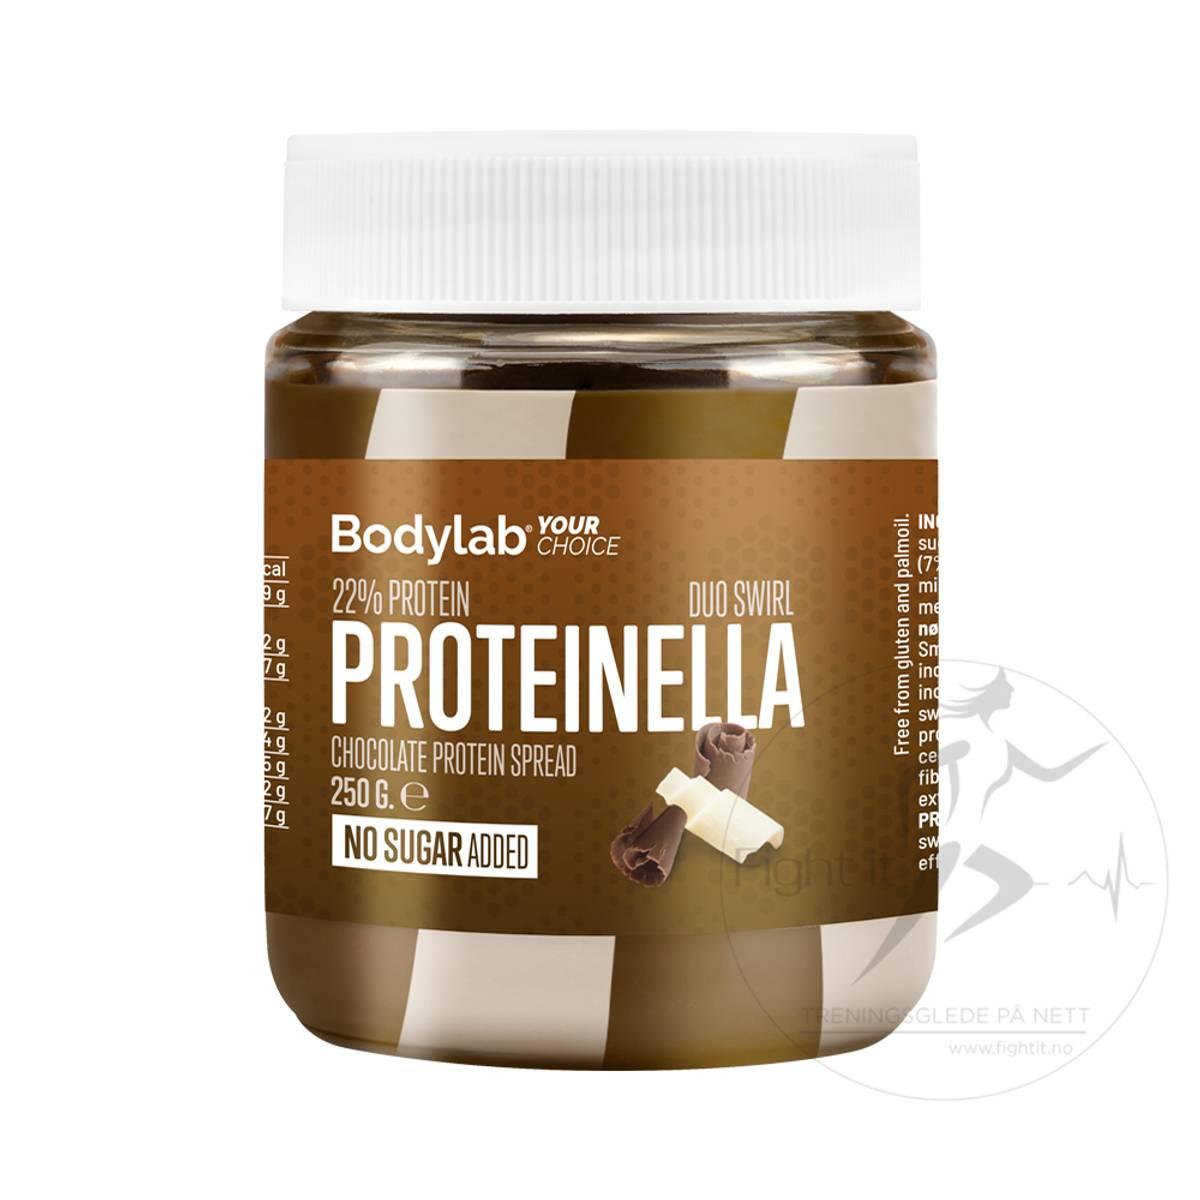 Bodylab - Proteinella 250g